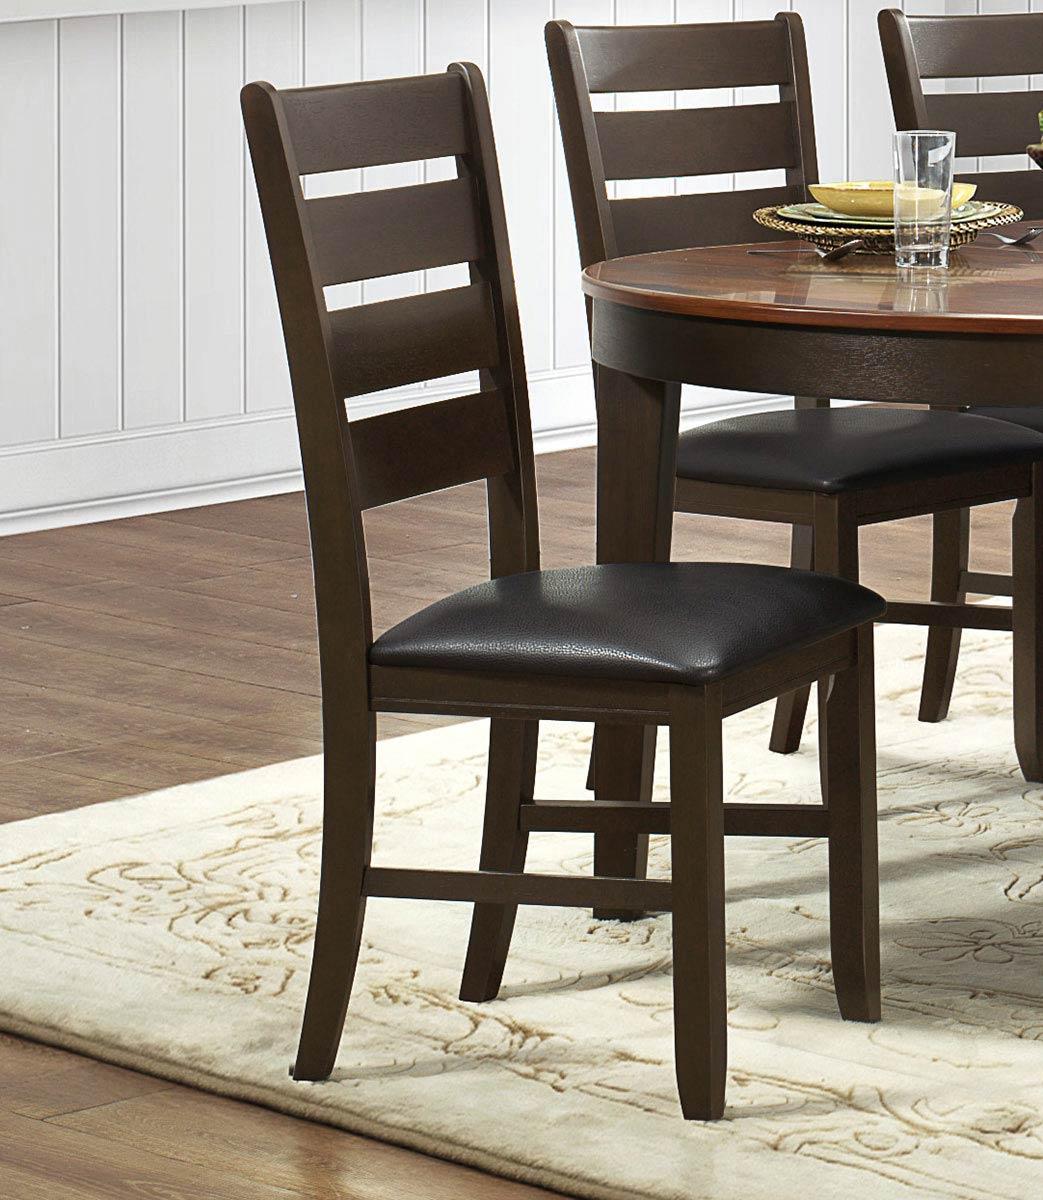 Homelegance Grunwald Side Chair - Dark Brown